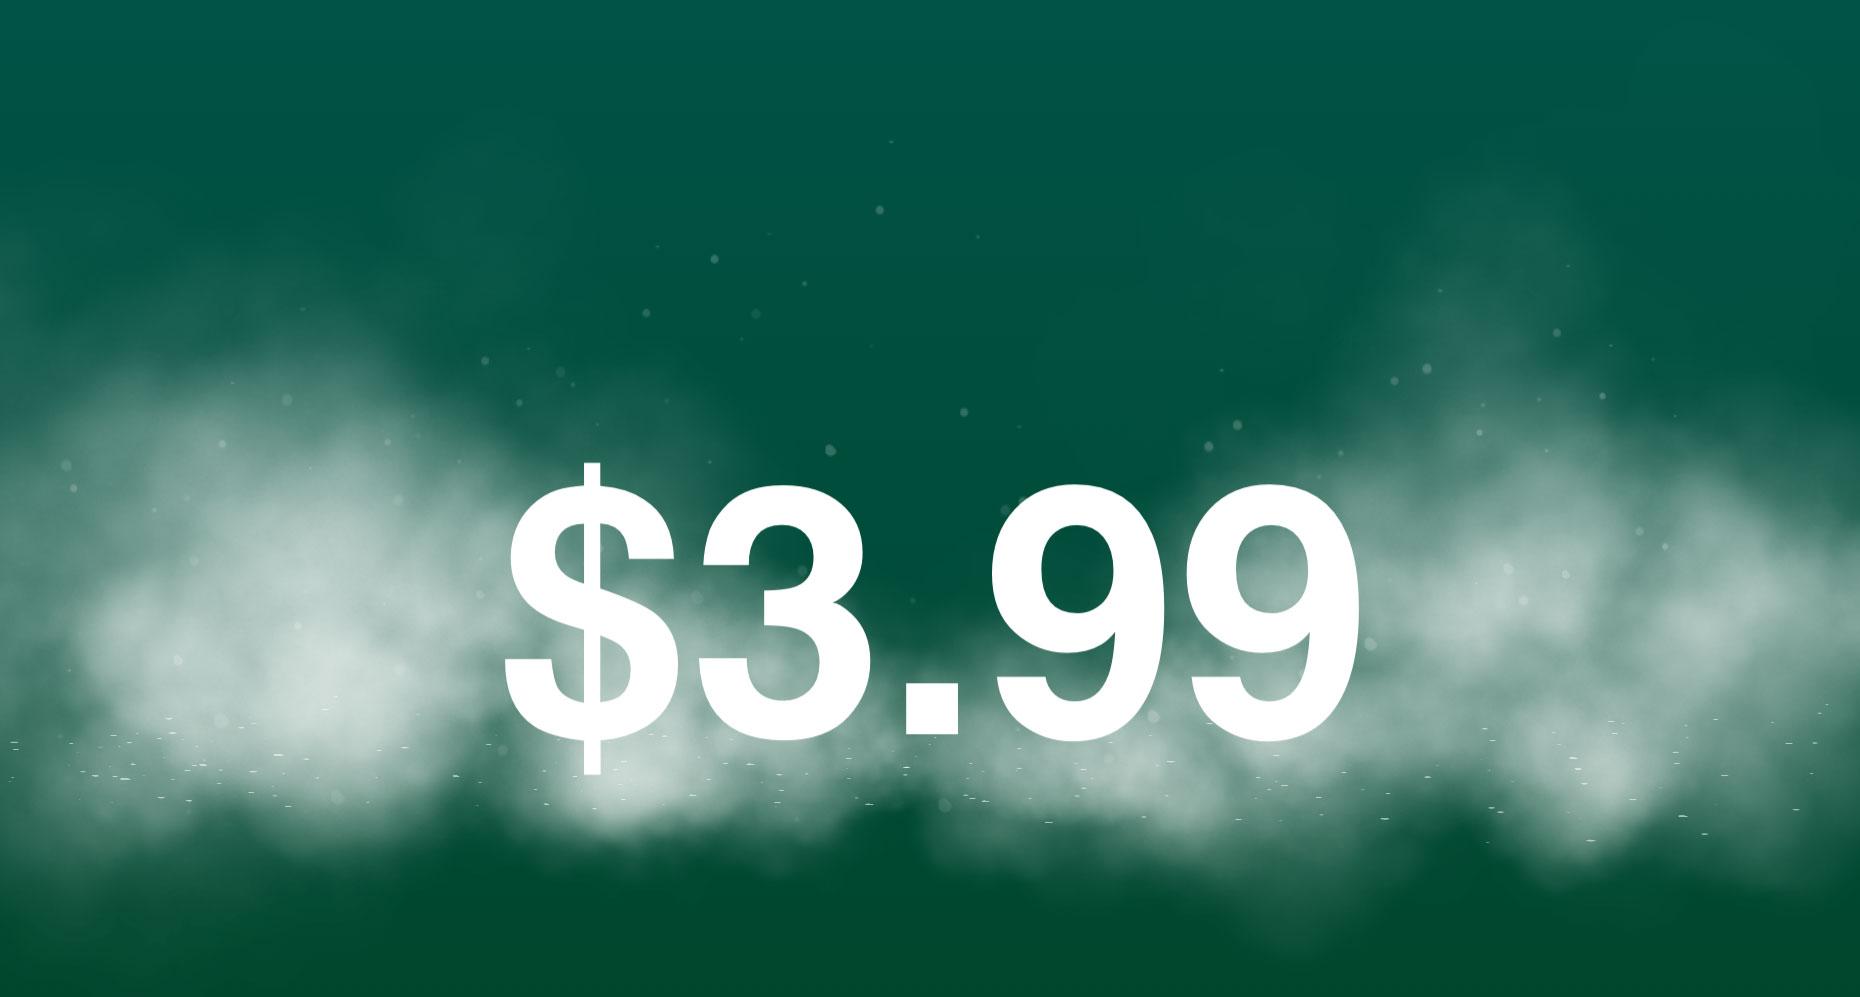 Castro is now $3.99